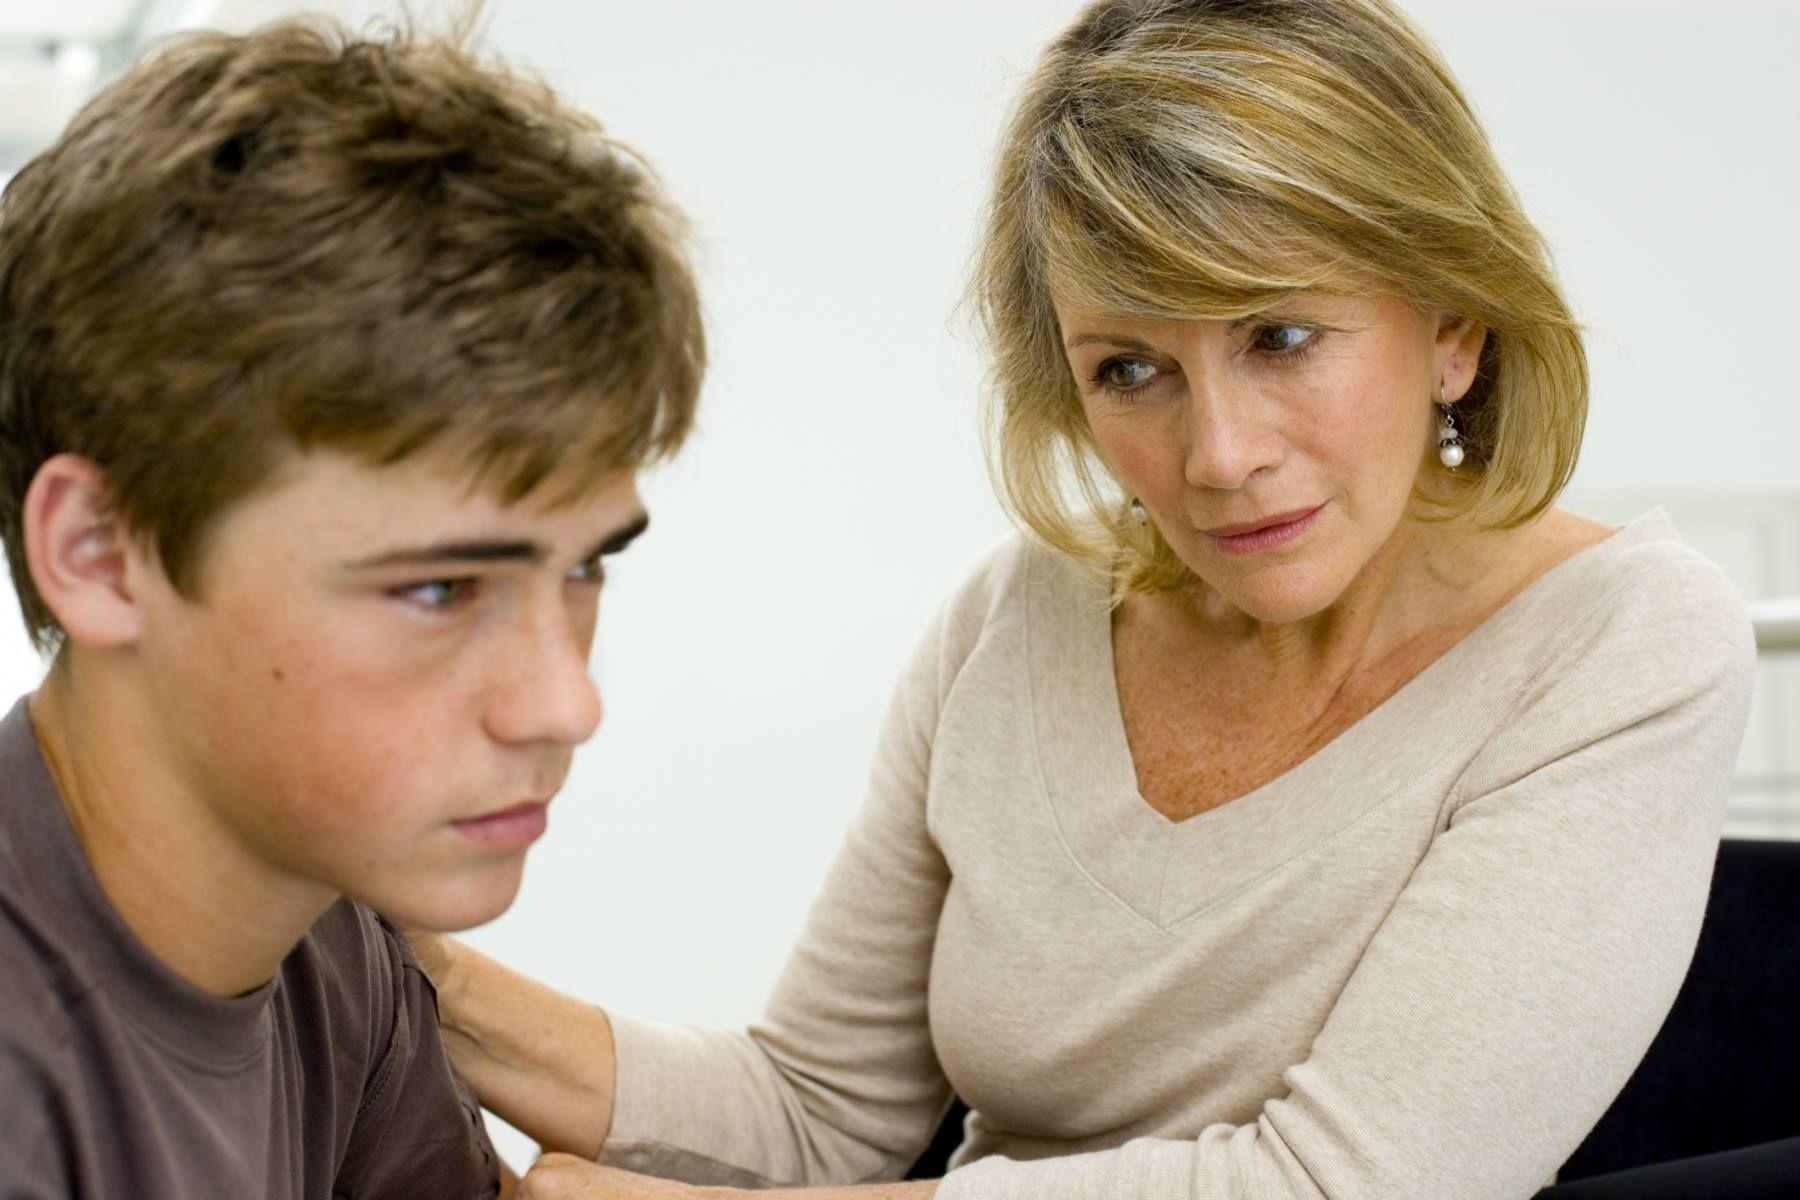 ¿Qué consejo creéis que puede ayudar más a vuestro hijo?